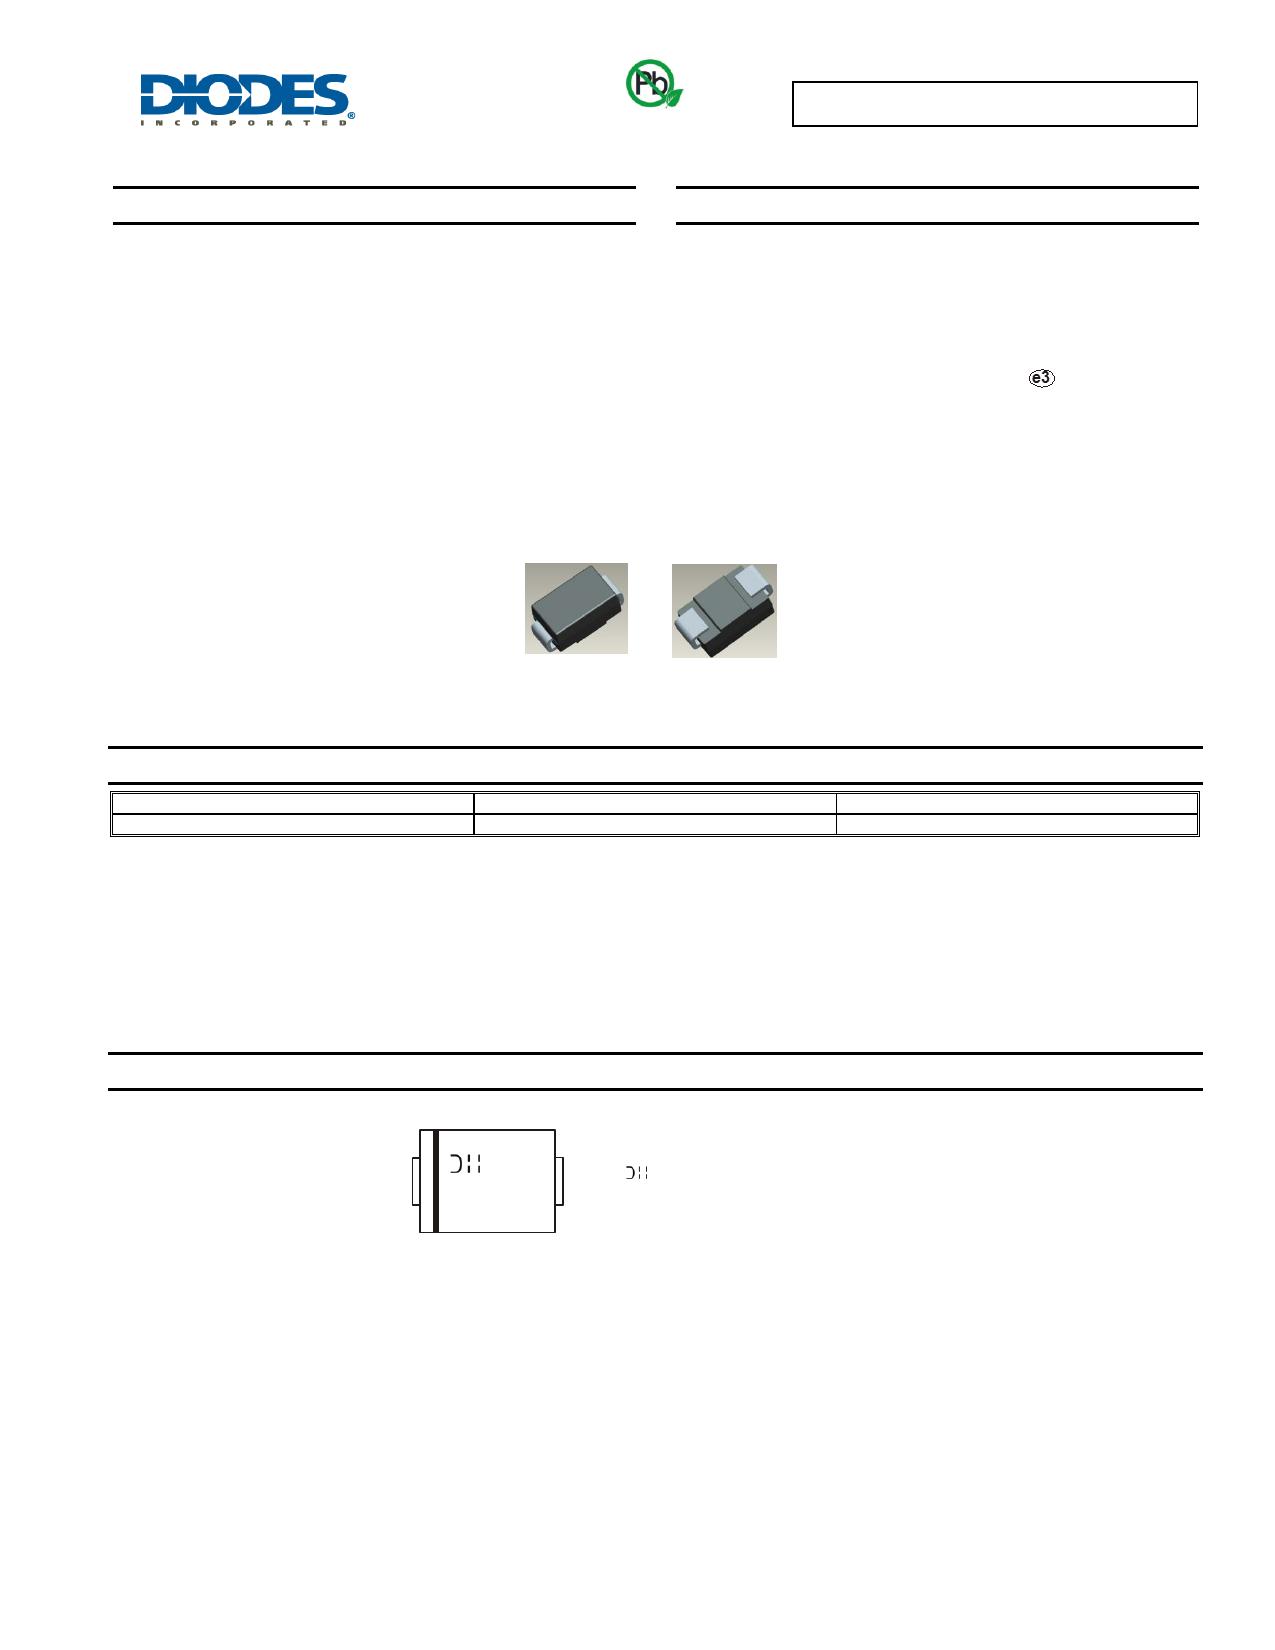 SMAJ7.5CA datasheet